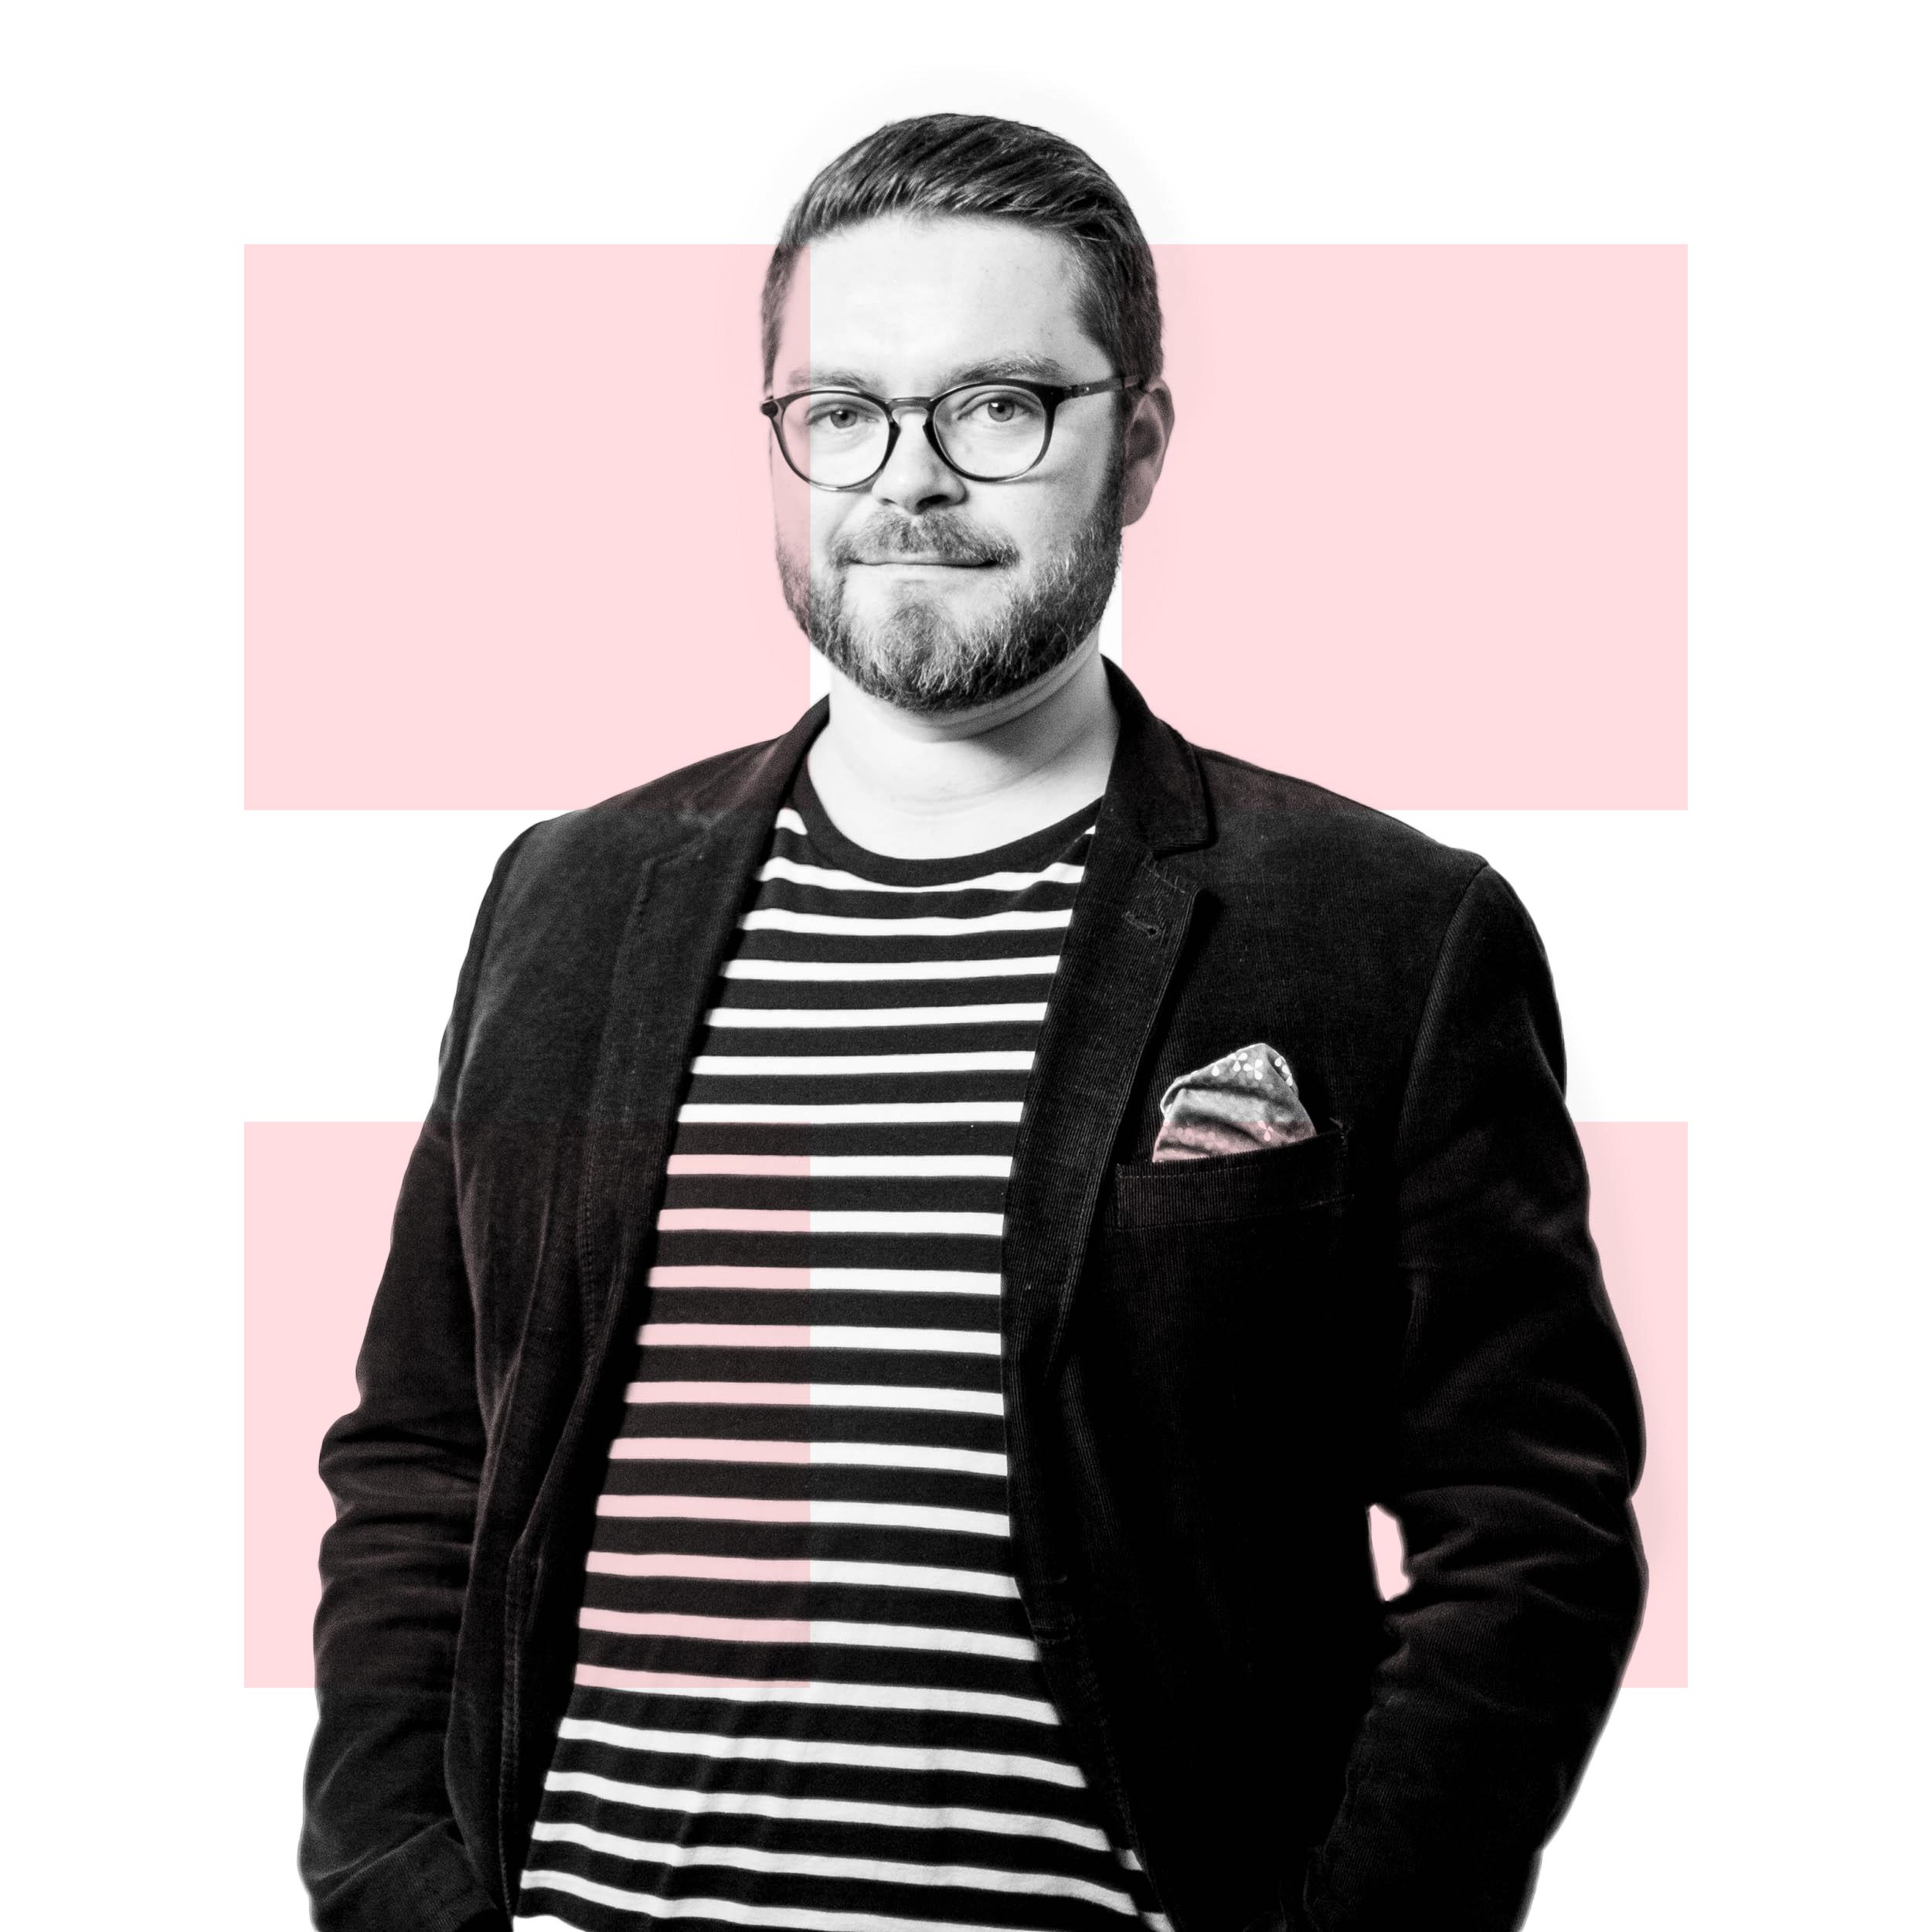 Image showing Jarkko Vepsäläinen